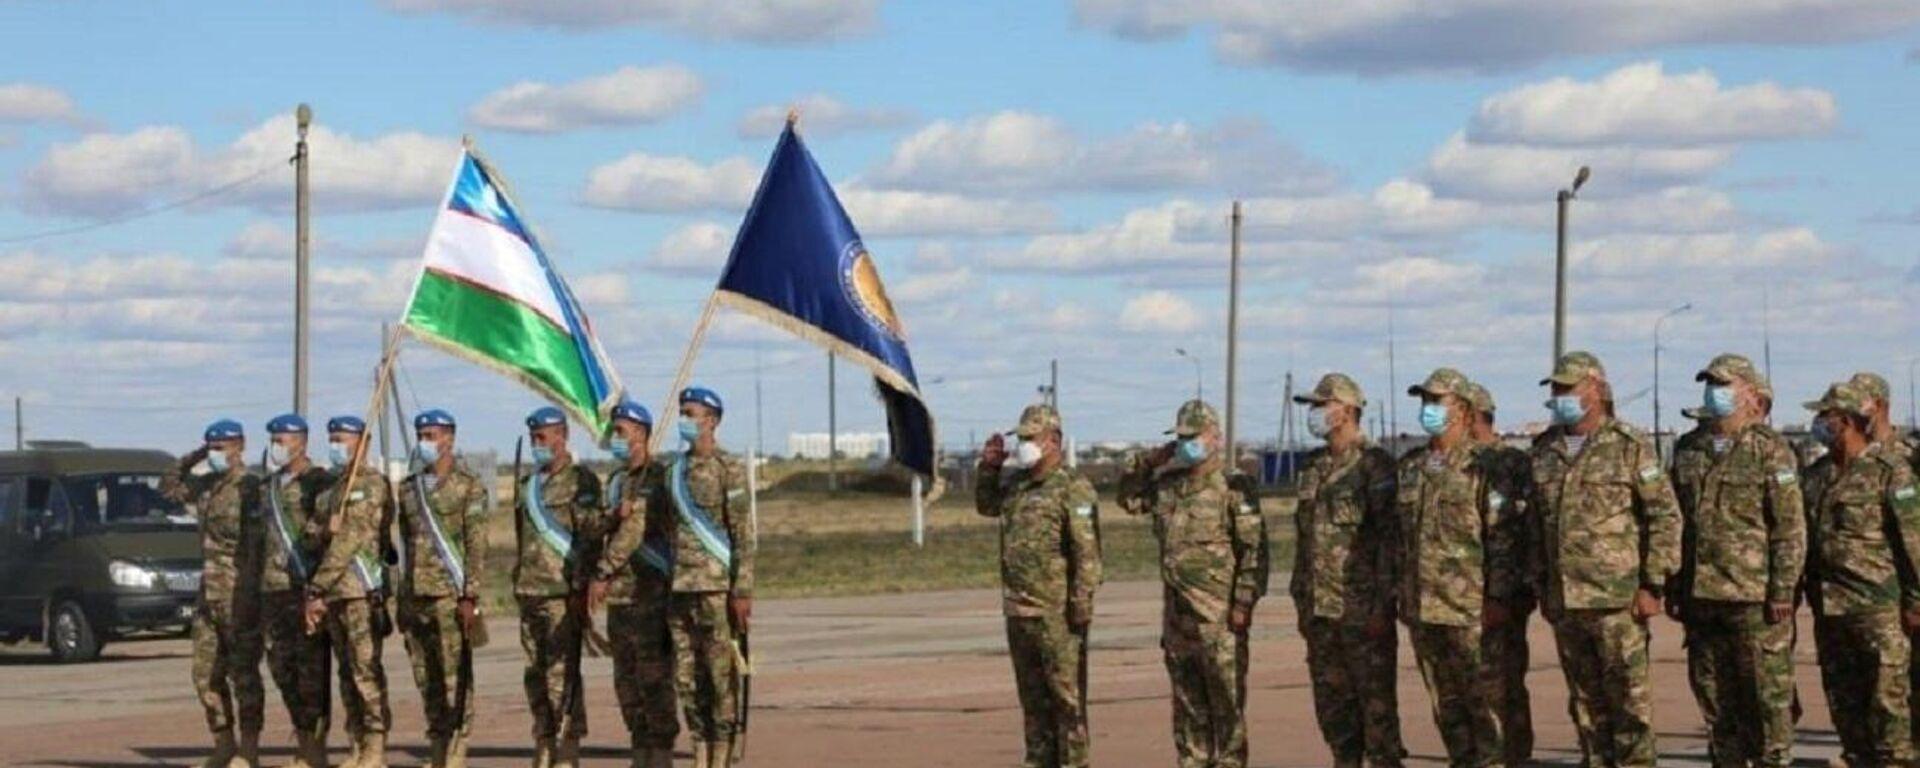 Военные Узбекистана участвуют в учениях стран ШОС Мирная миссия - Sputnik Ўзбекистон, 1920, 13.09.2021